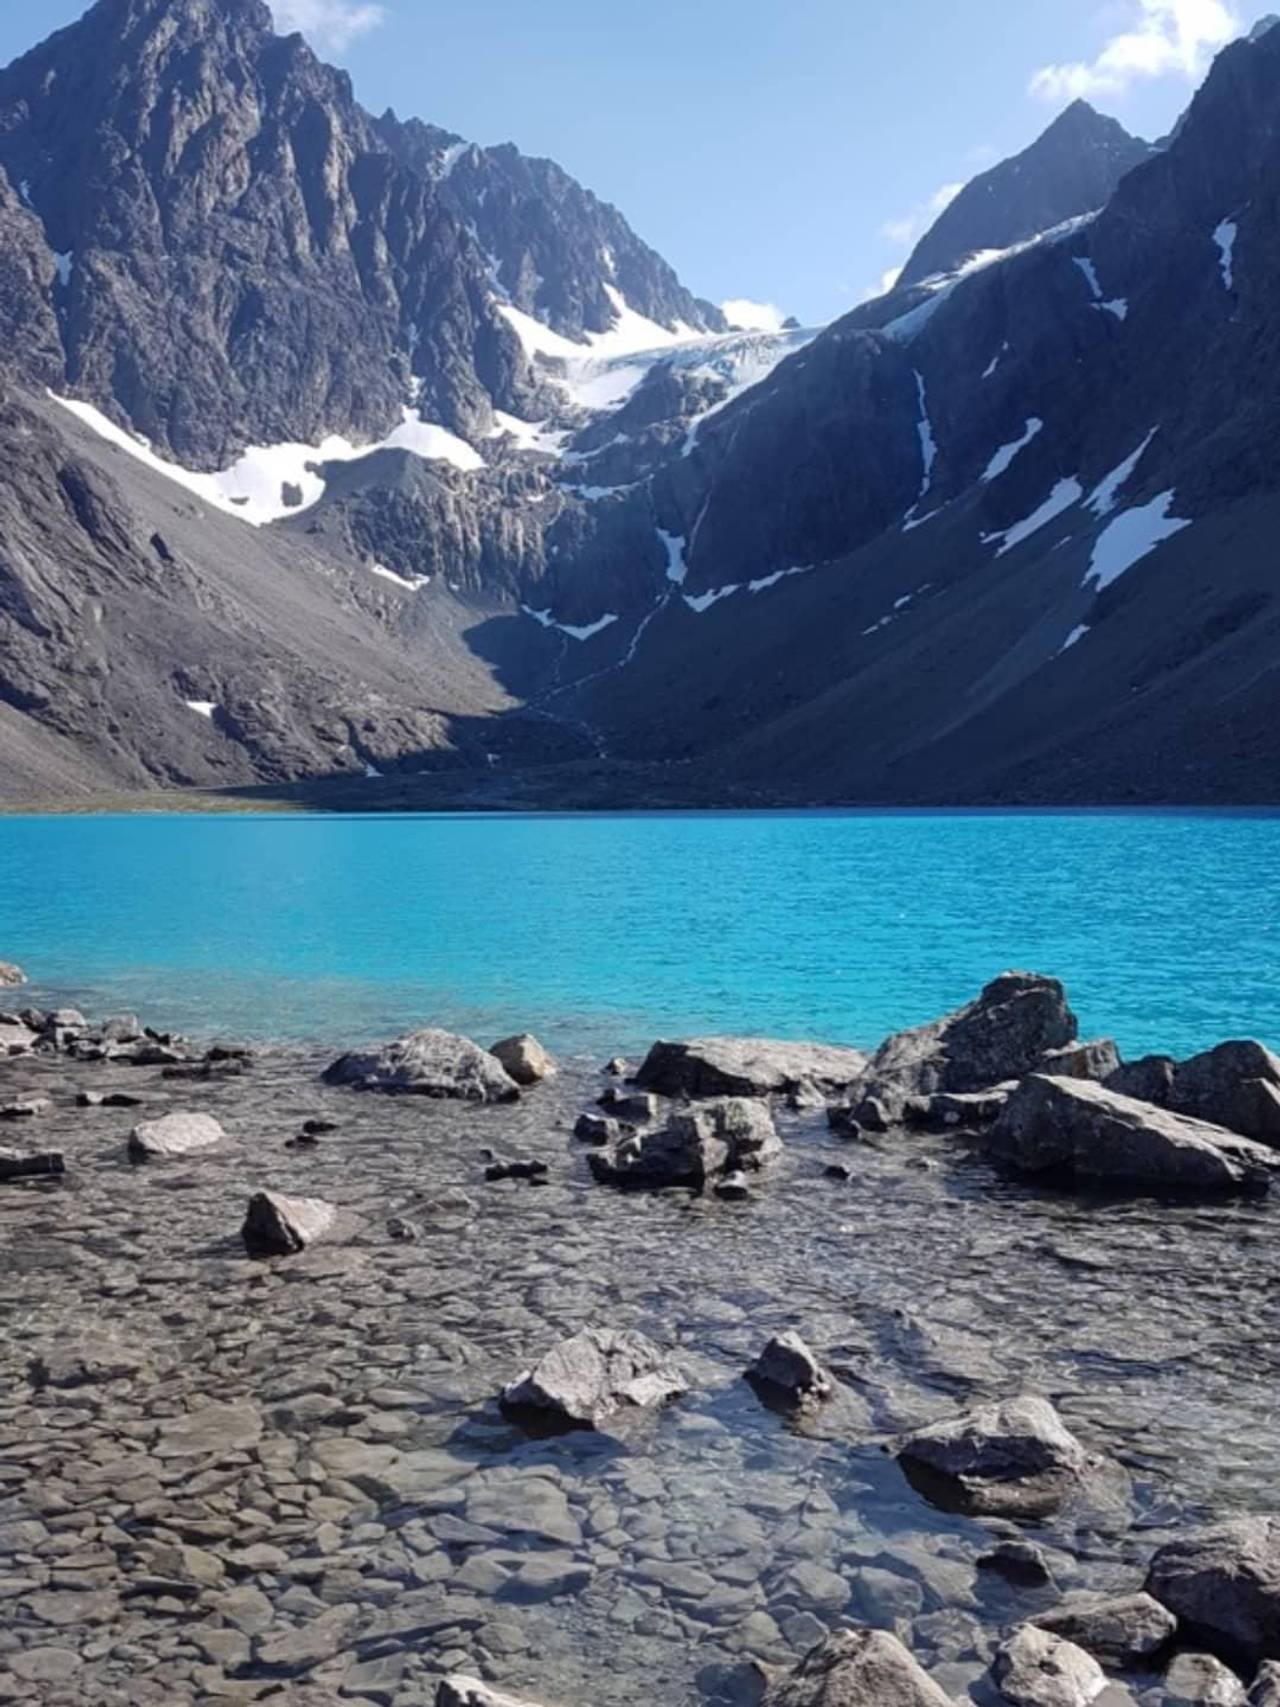 Blåisvatnet, Lyngen